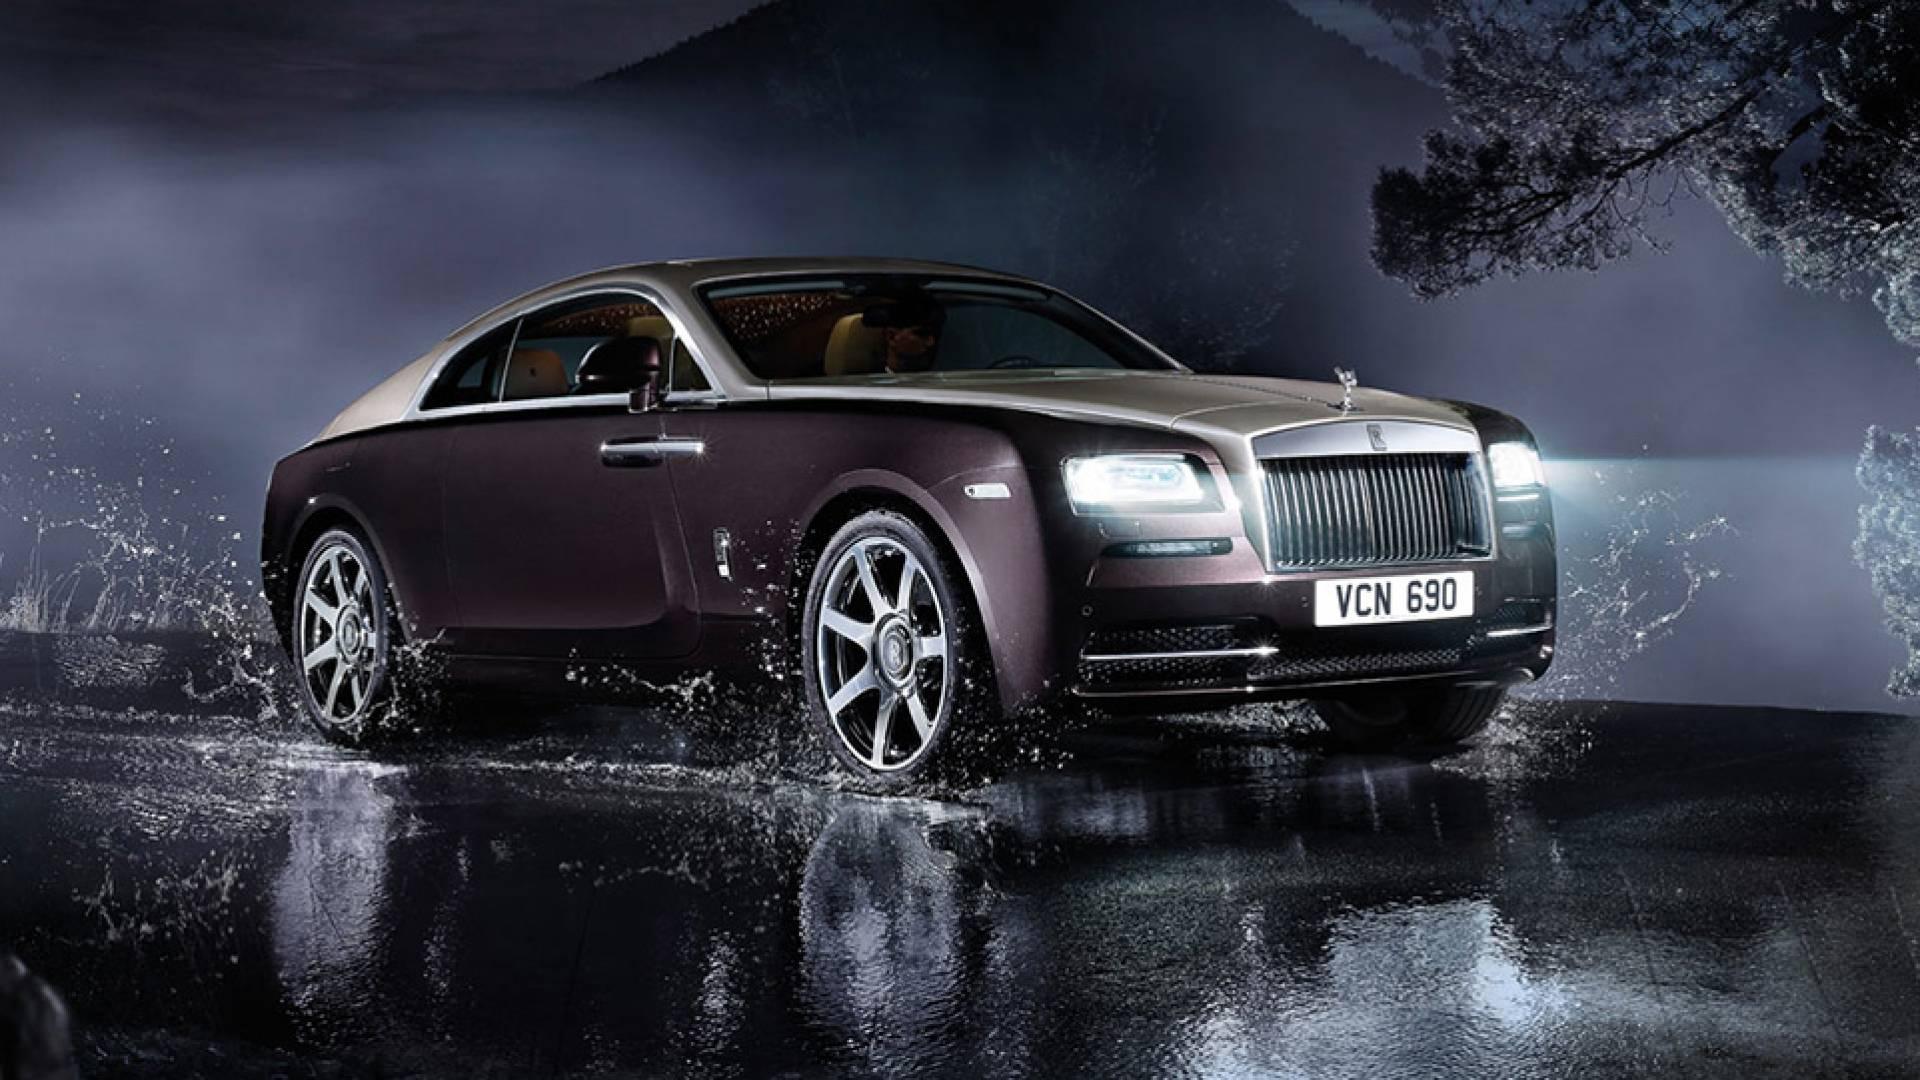 1080p Mustang Car Rice Wallpaper Rolls Royce Wraith Precios Prueba Ficha T 233 Cnica Y Fotos